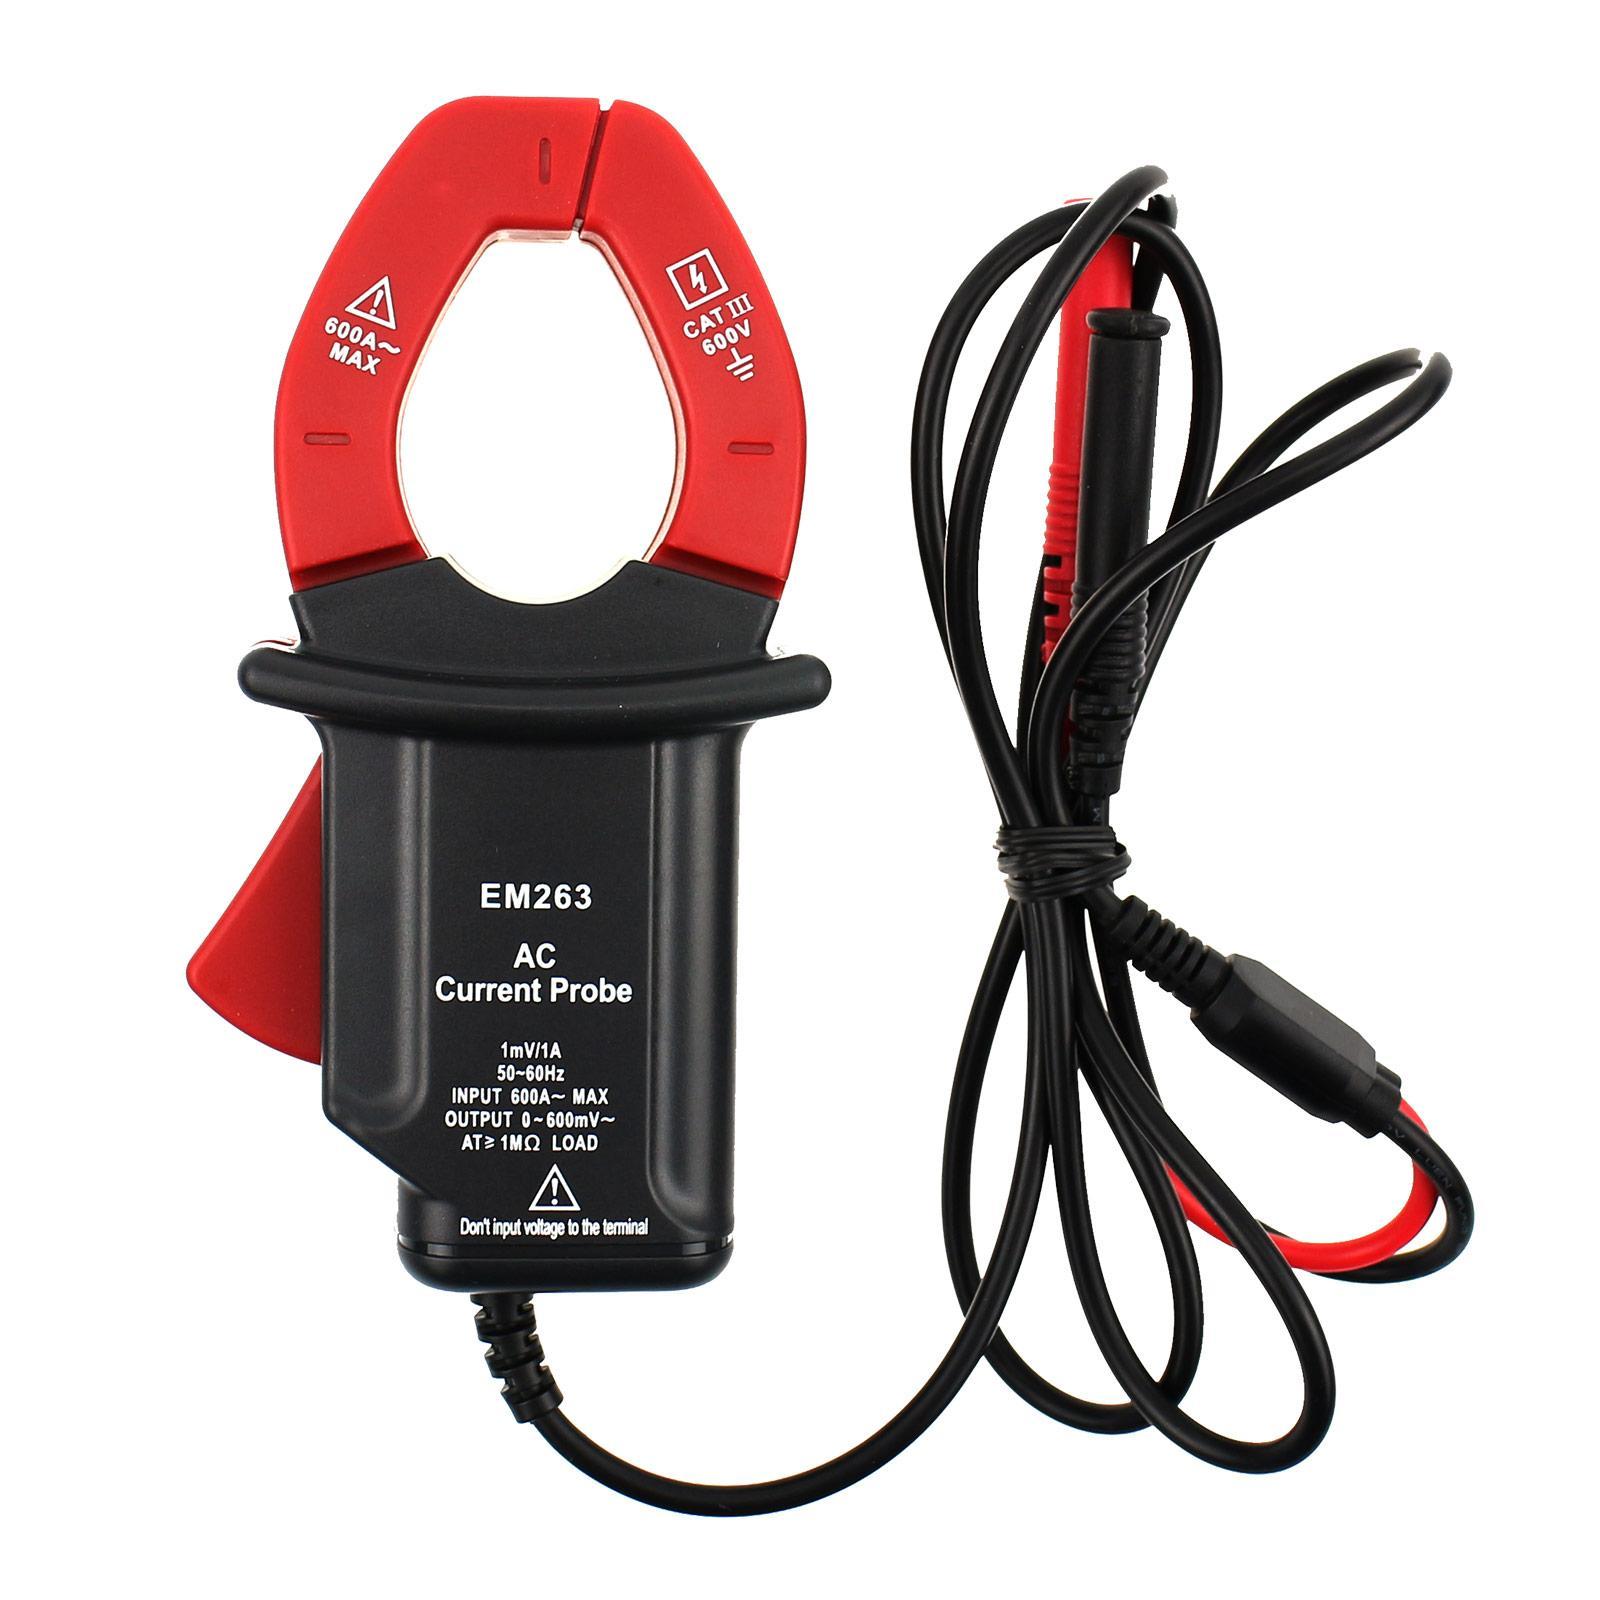 휴대용 AC 전류 프로브 CAT III 멀티 미터 안전 테스트 리더 전기 클램프 커넥터 최대. 입력 600A 모든 일 모델 EM263